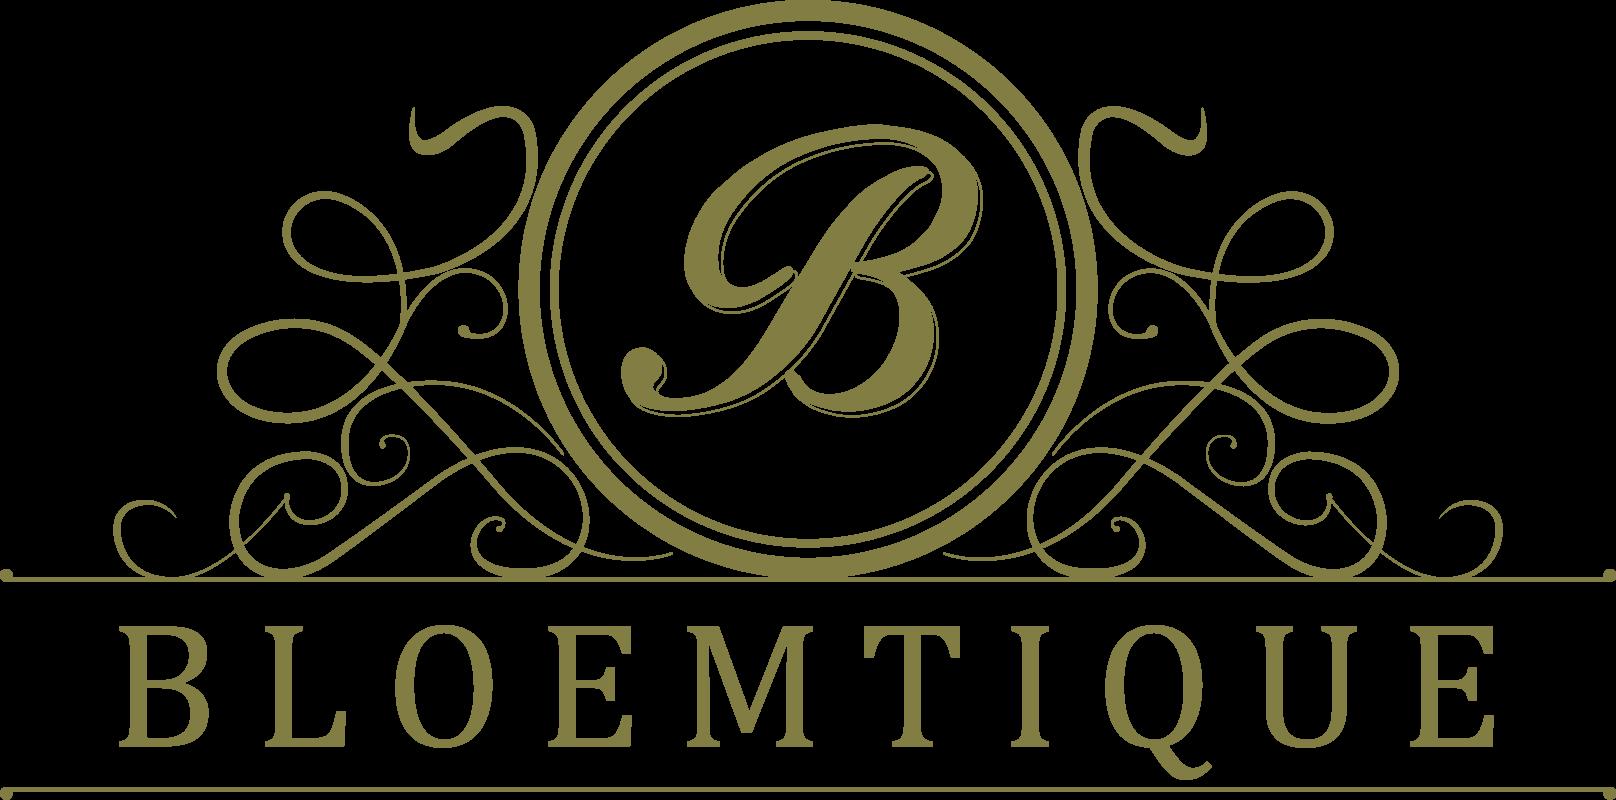 Logo Bloemtique Bloemen Contouren